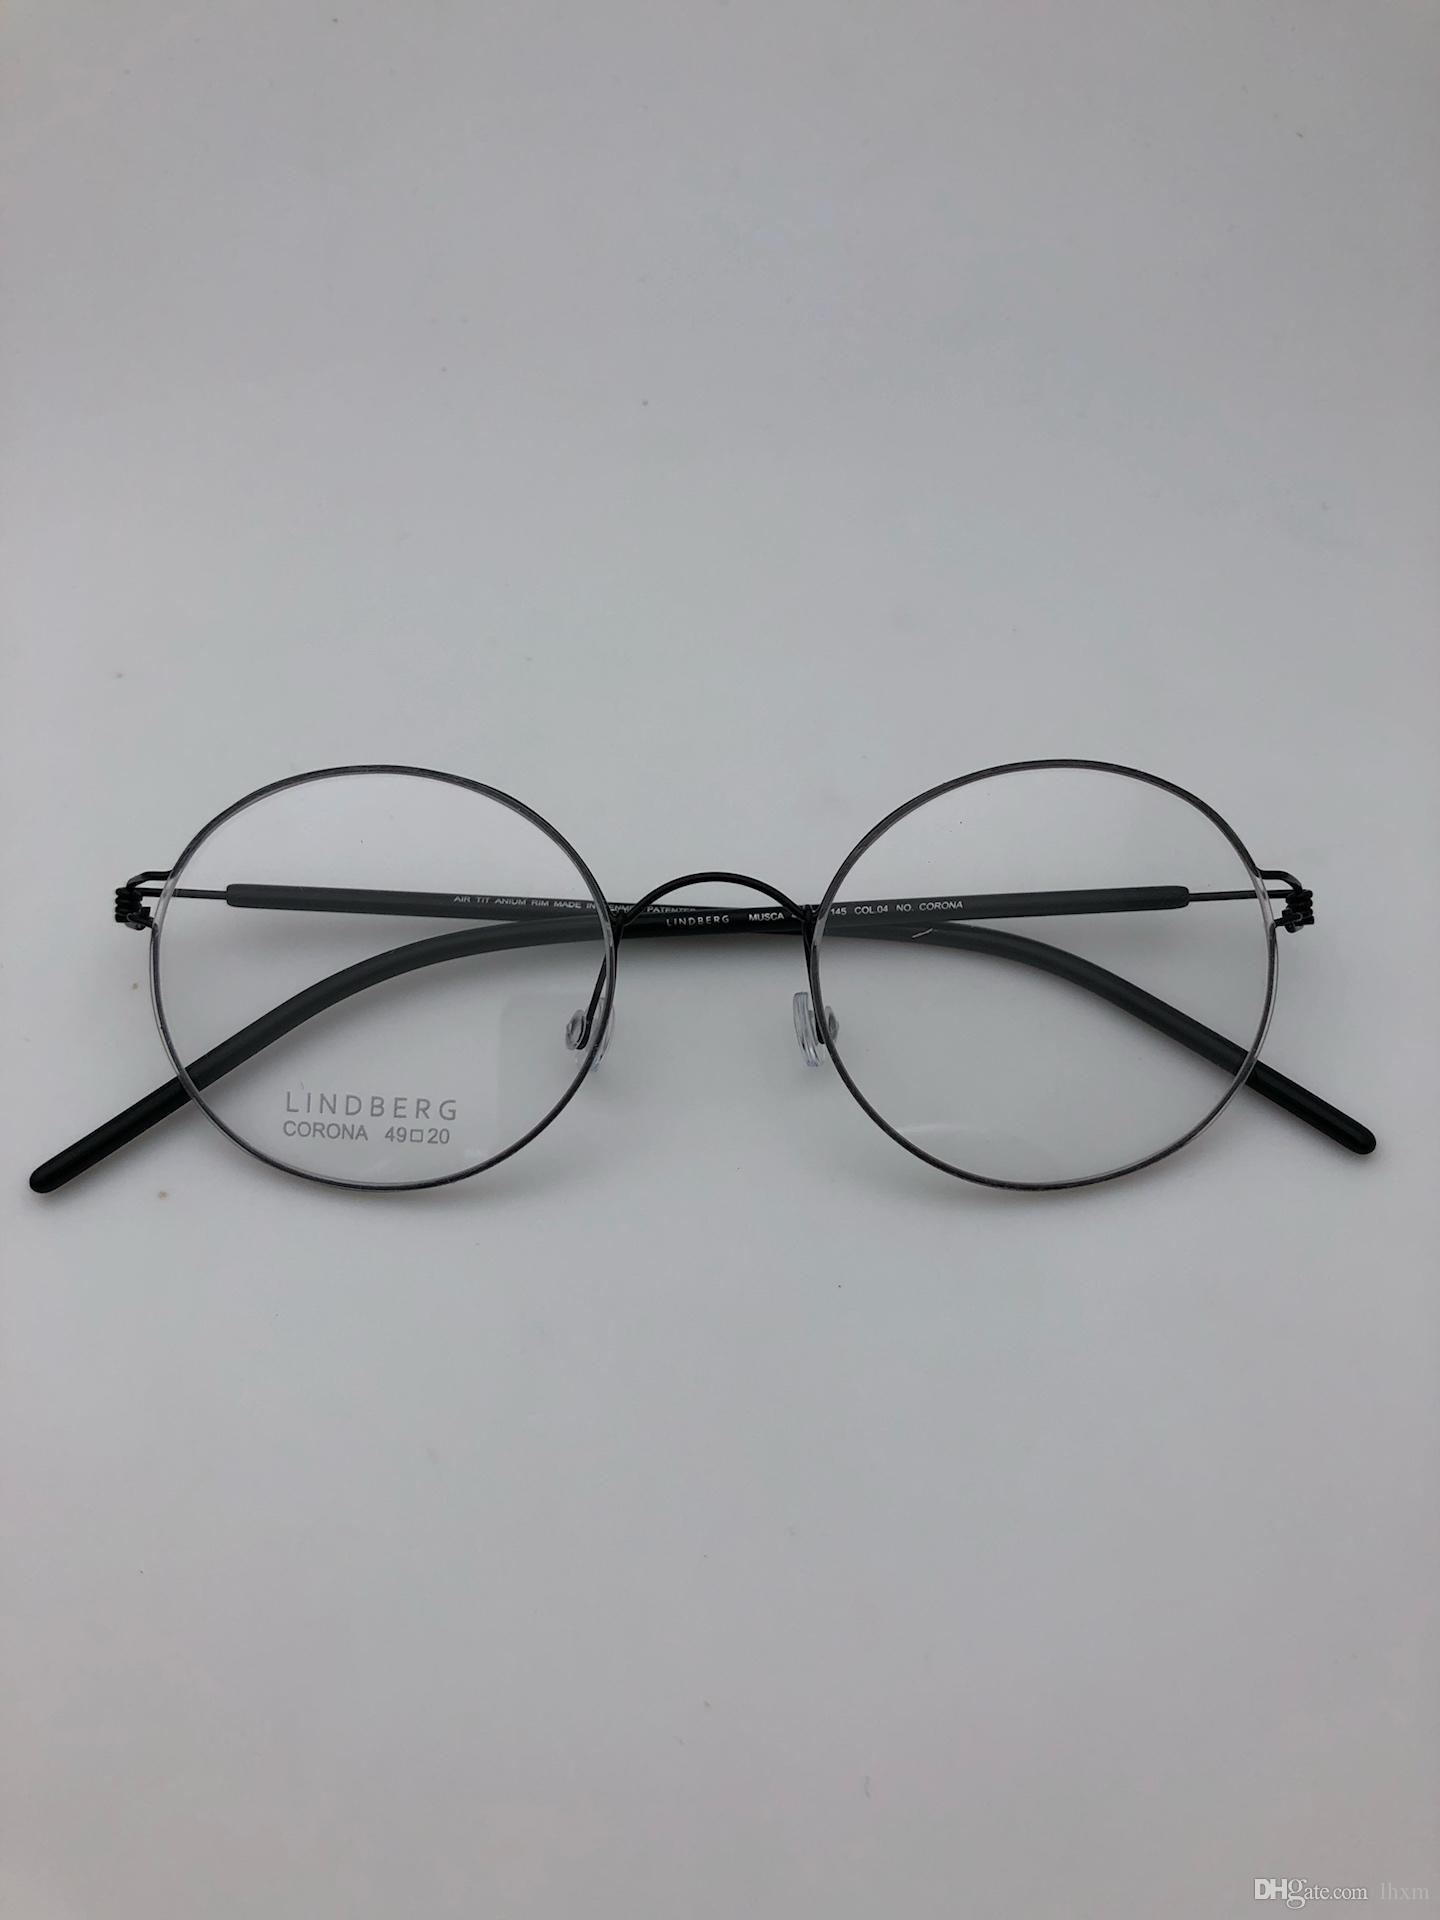 Compre Design Da Marca 2018 Nova Moda Óculos De Armação Quadrada Quadro  CORONA Masculino E Feminino Mesmo Modelo 49 20 145 De Willielin,  97.47    Pt.Dhgate. 41c1b0ff62